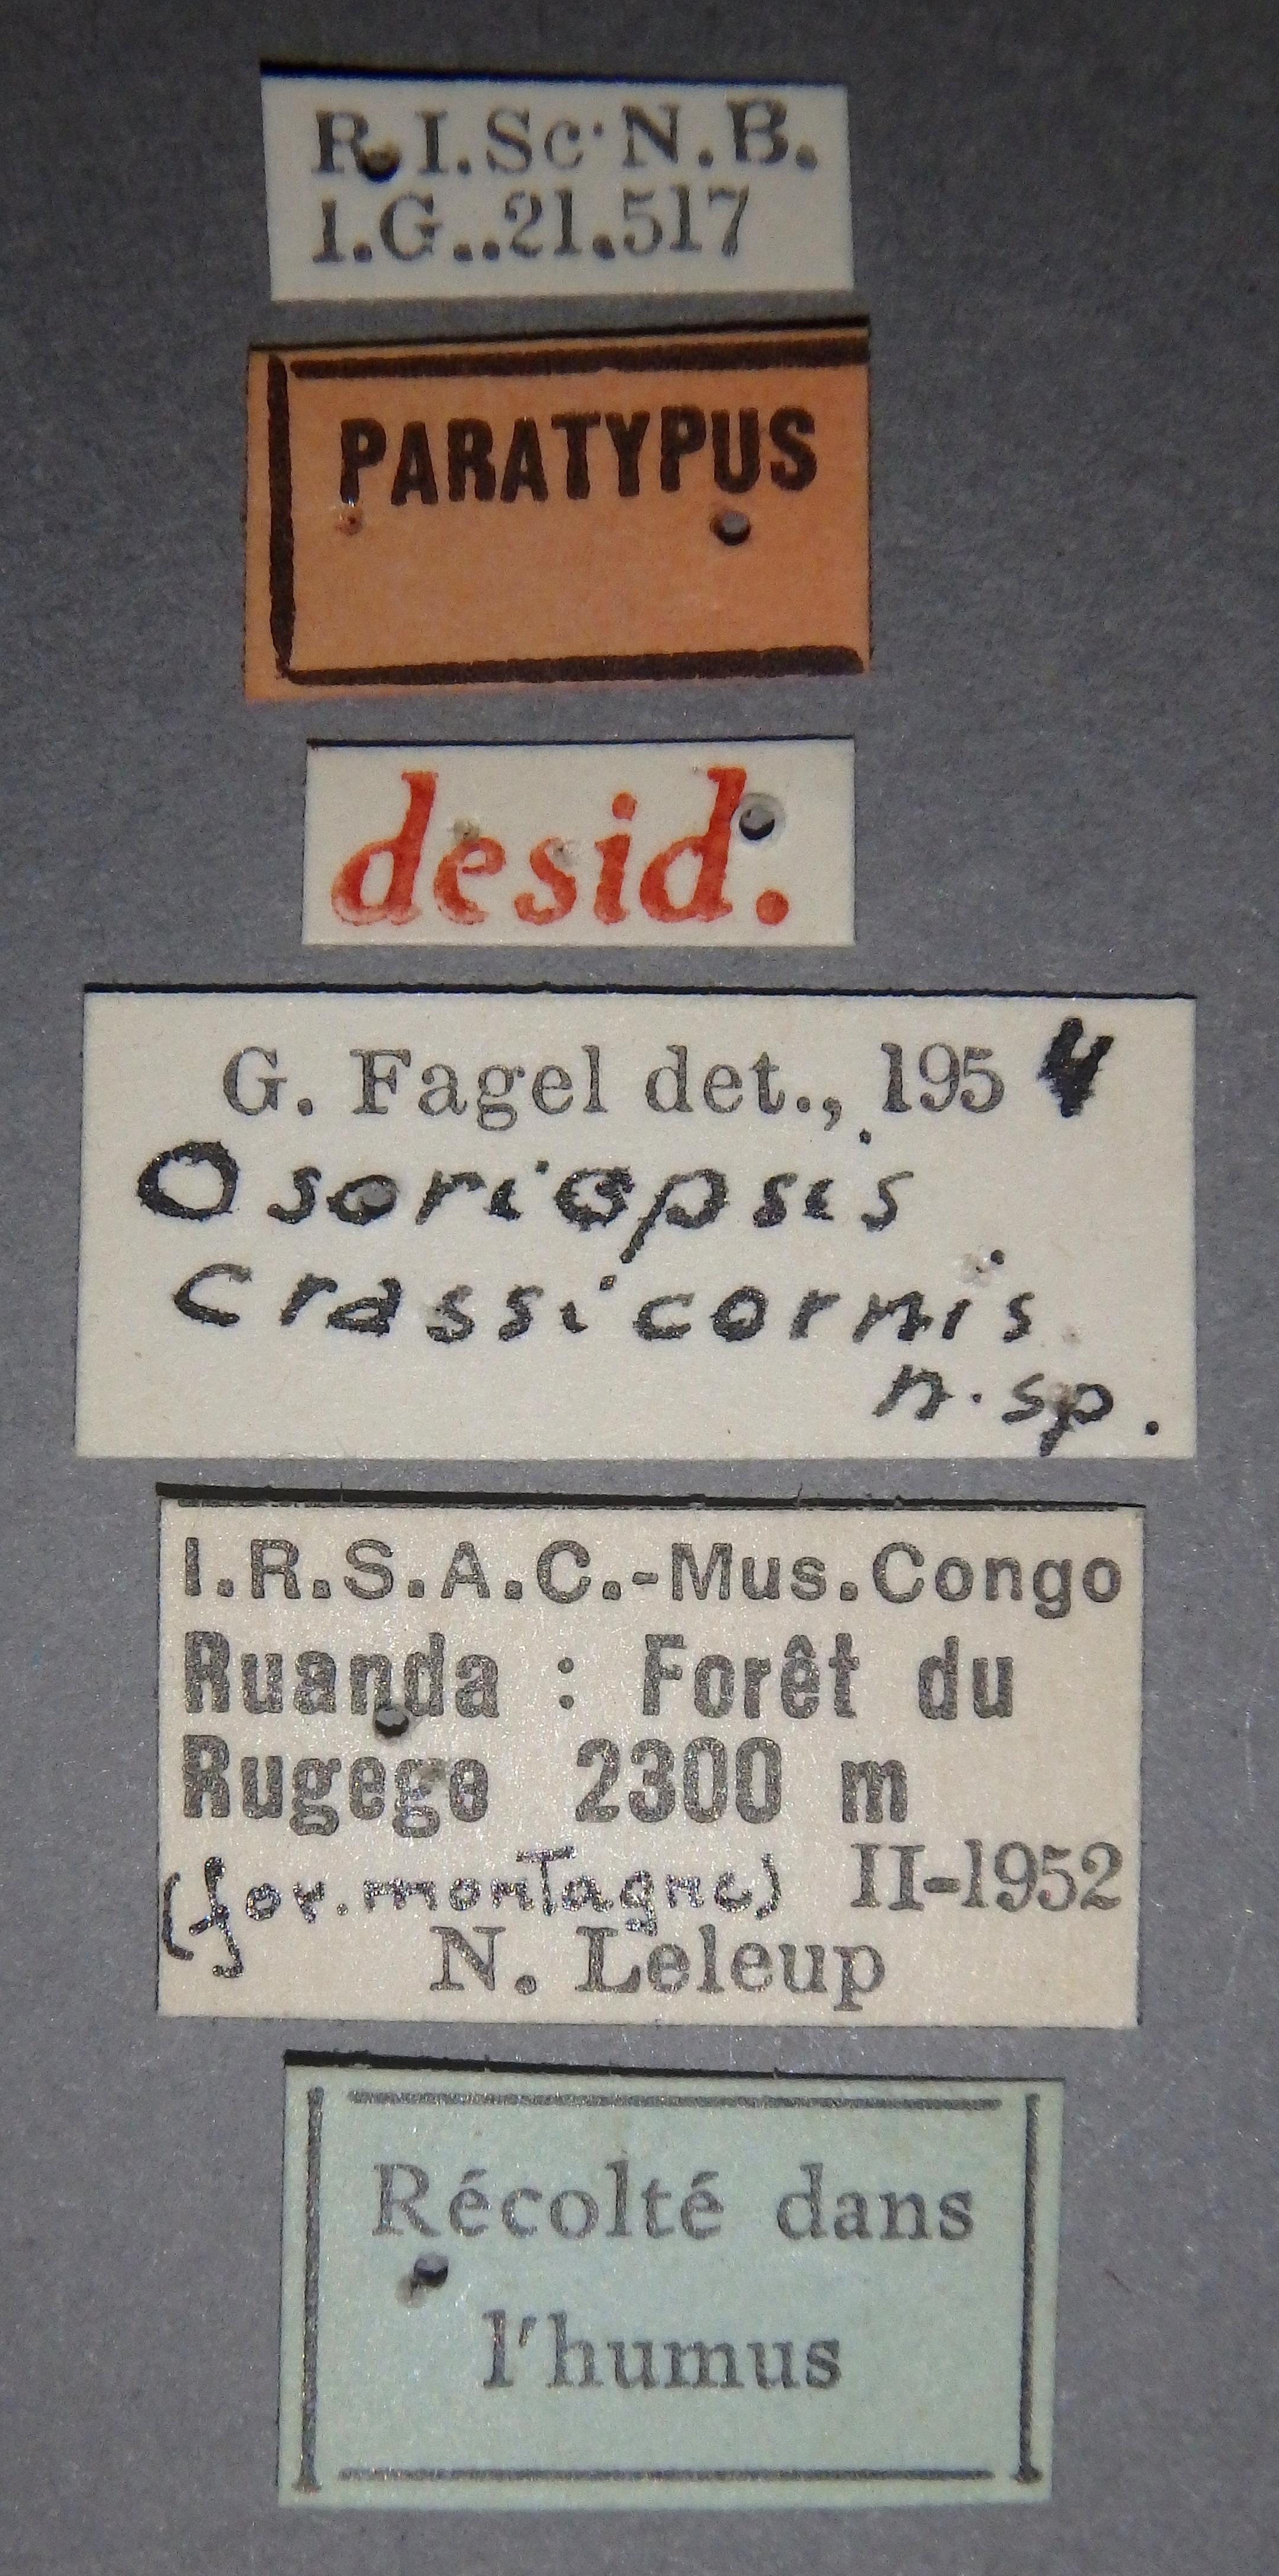 Osoriopsis crassicornis pt Lb.JPG